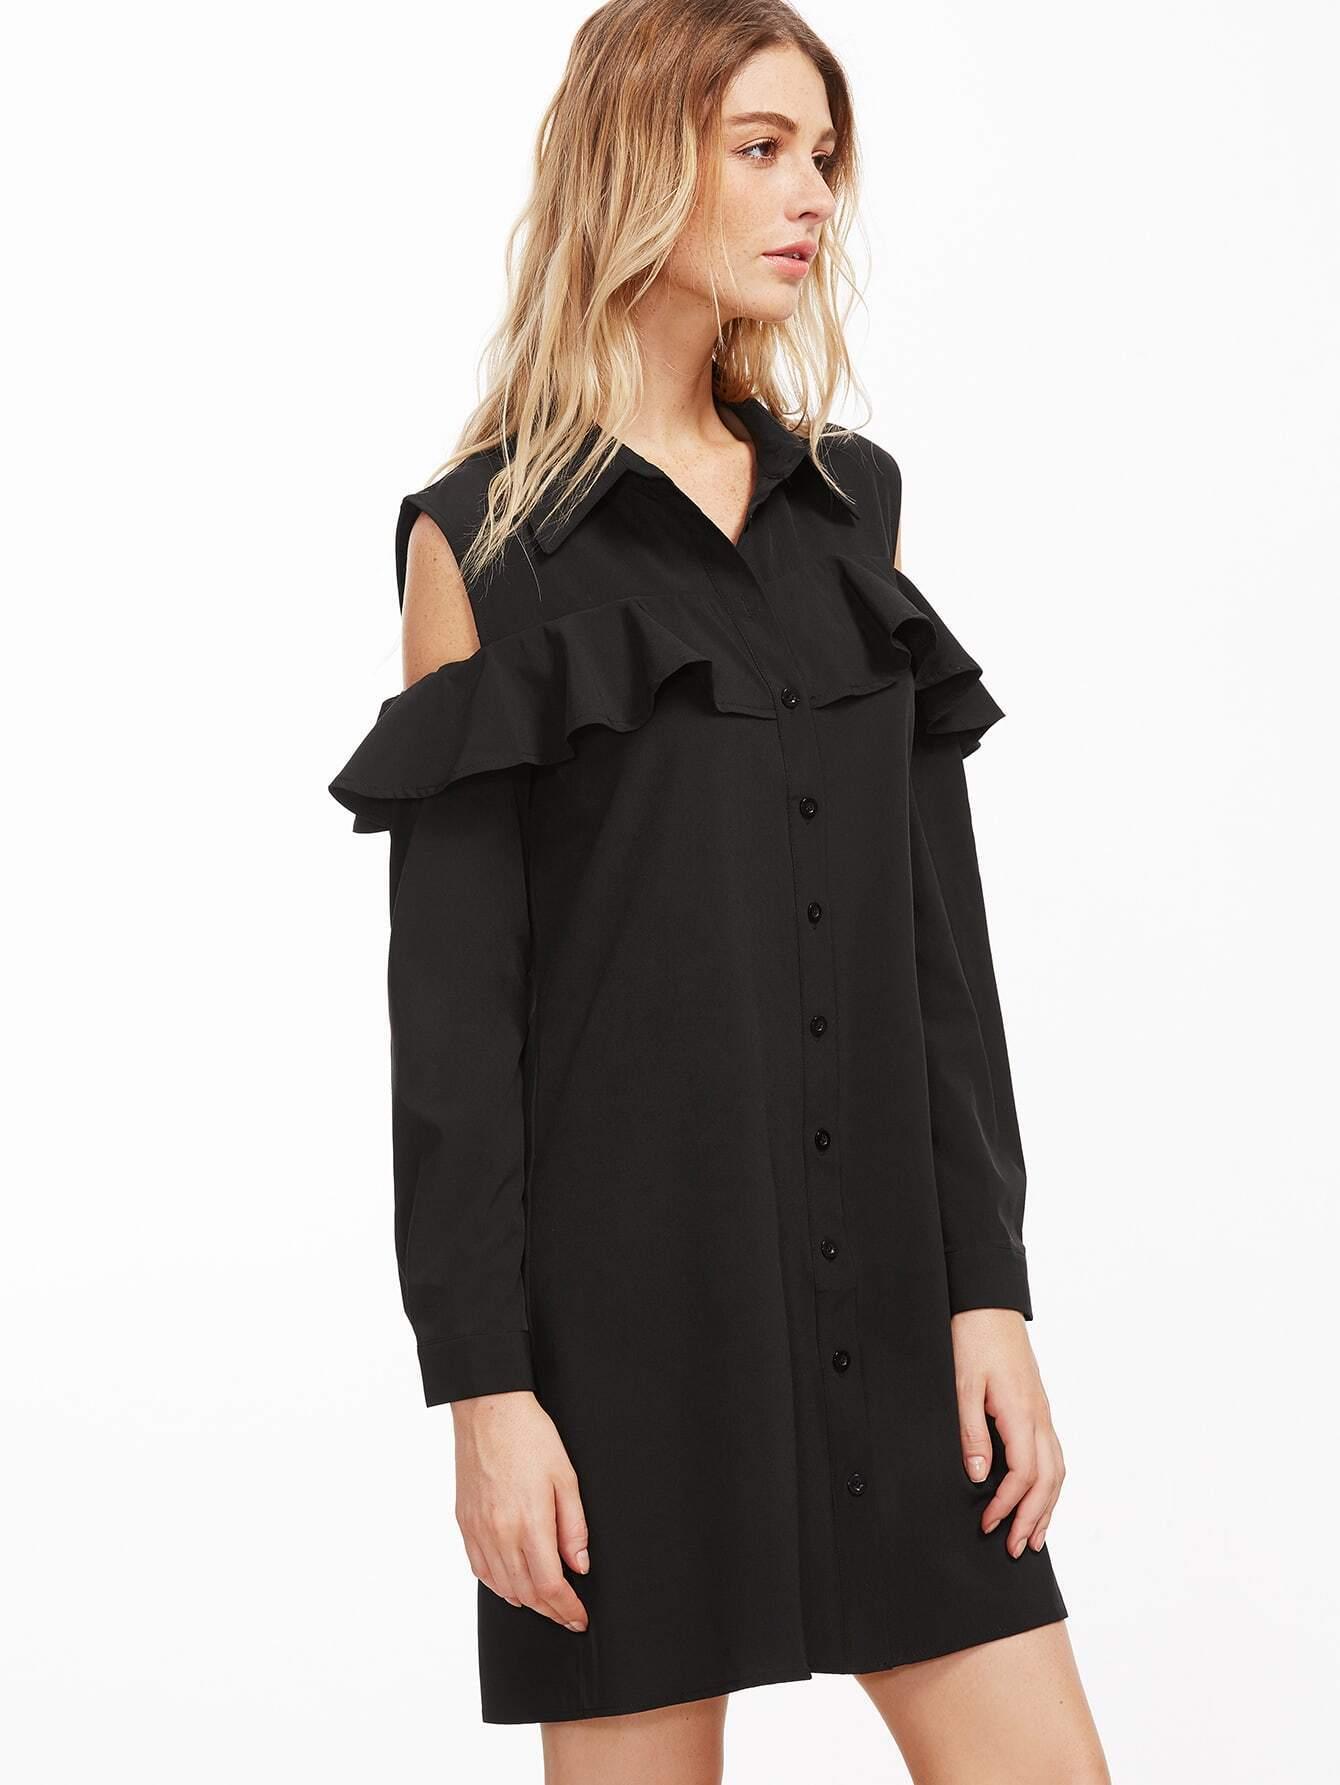 dress161025104_2